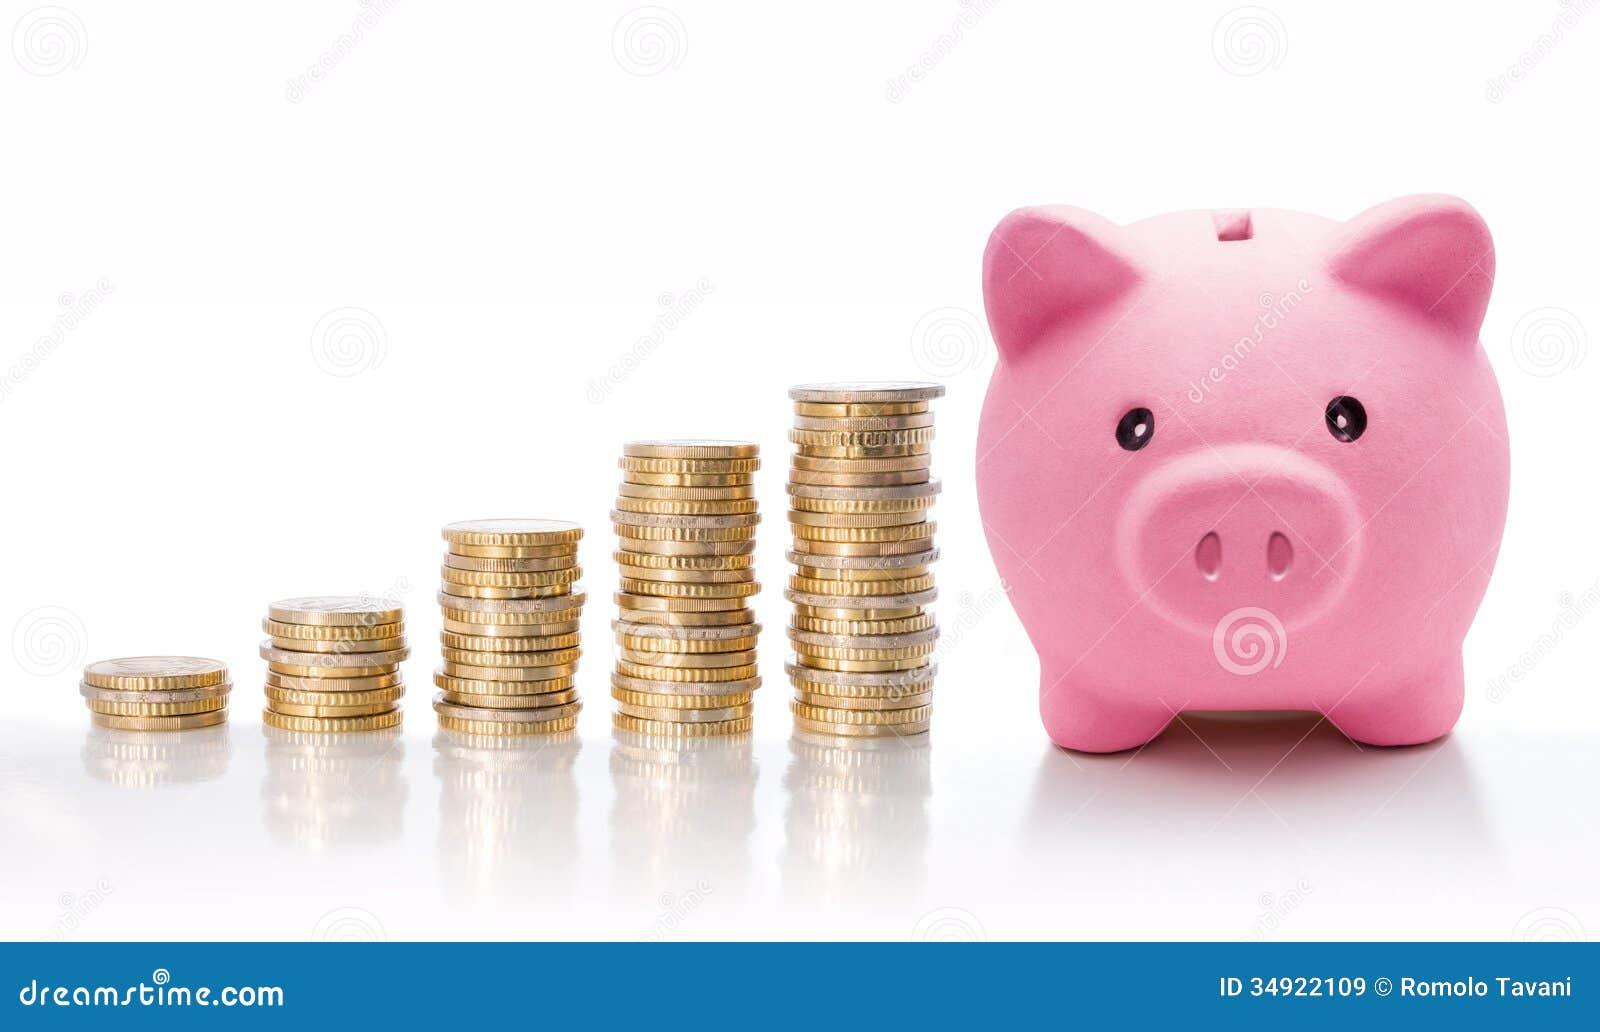 Spaarvarken met euro muntstukstapels - concept verhoging